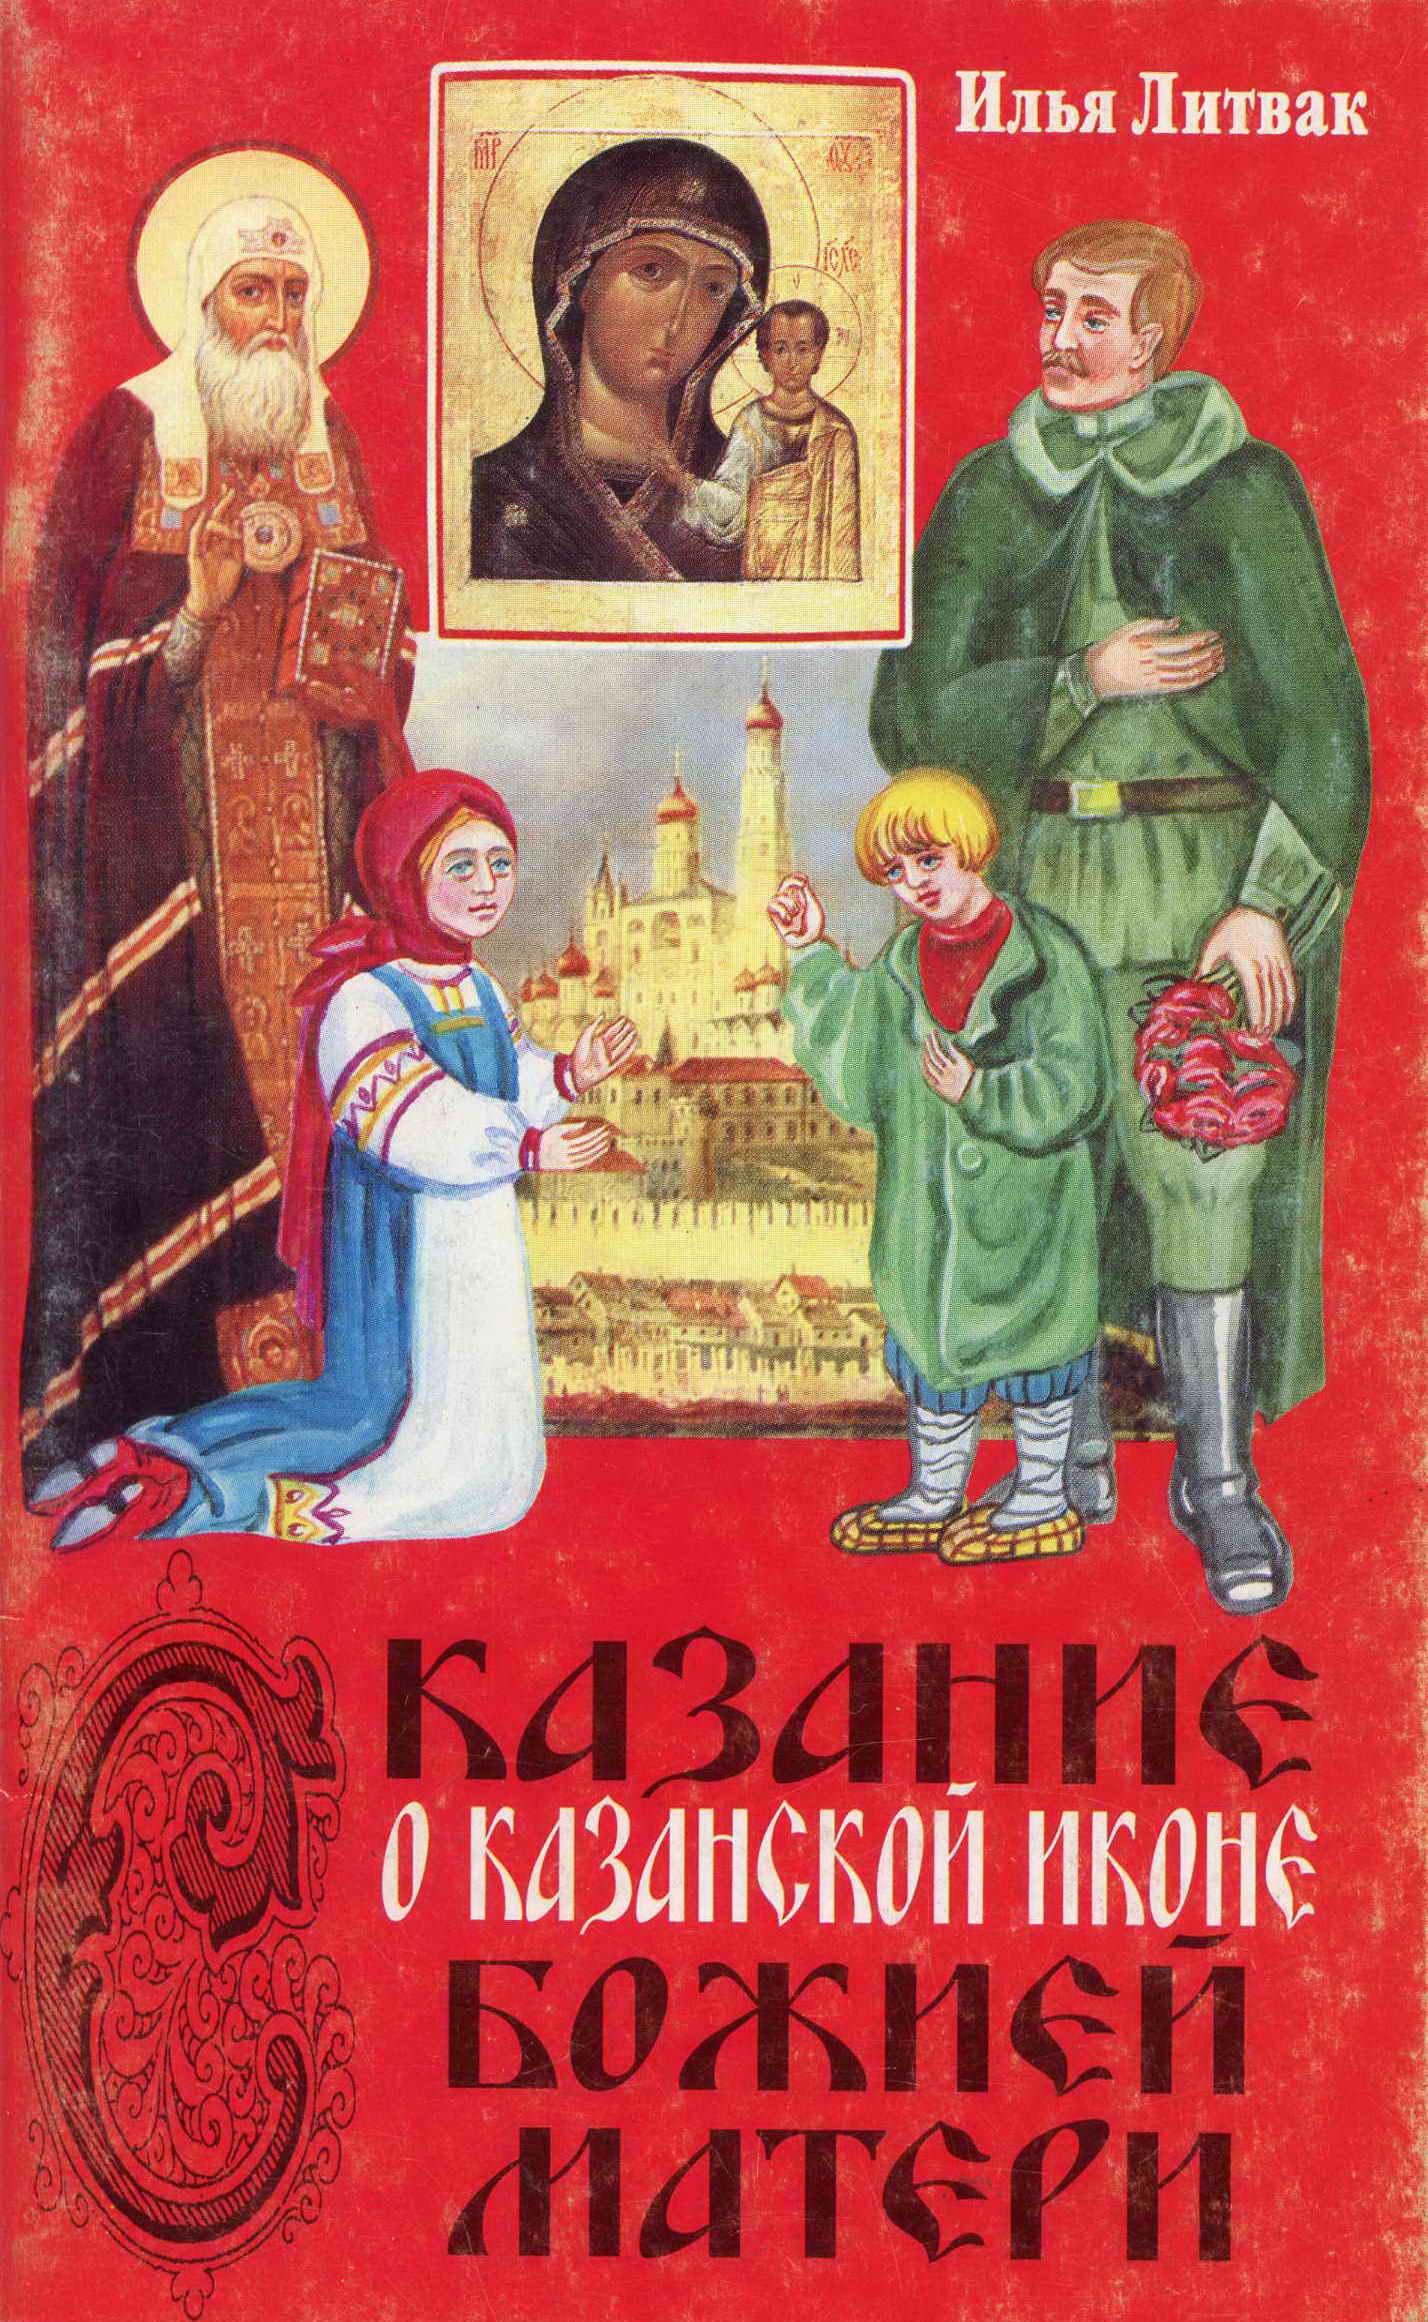 Сказание о Казанской иконе Божией Матери ( Илья Литвак  )